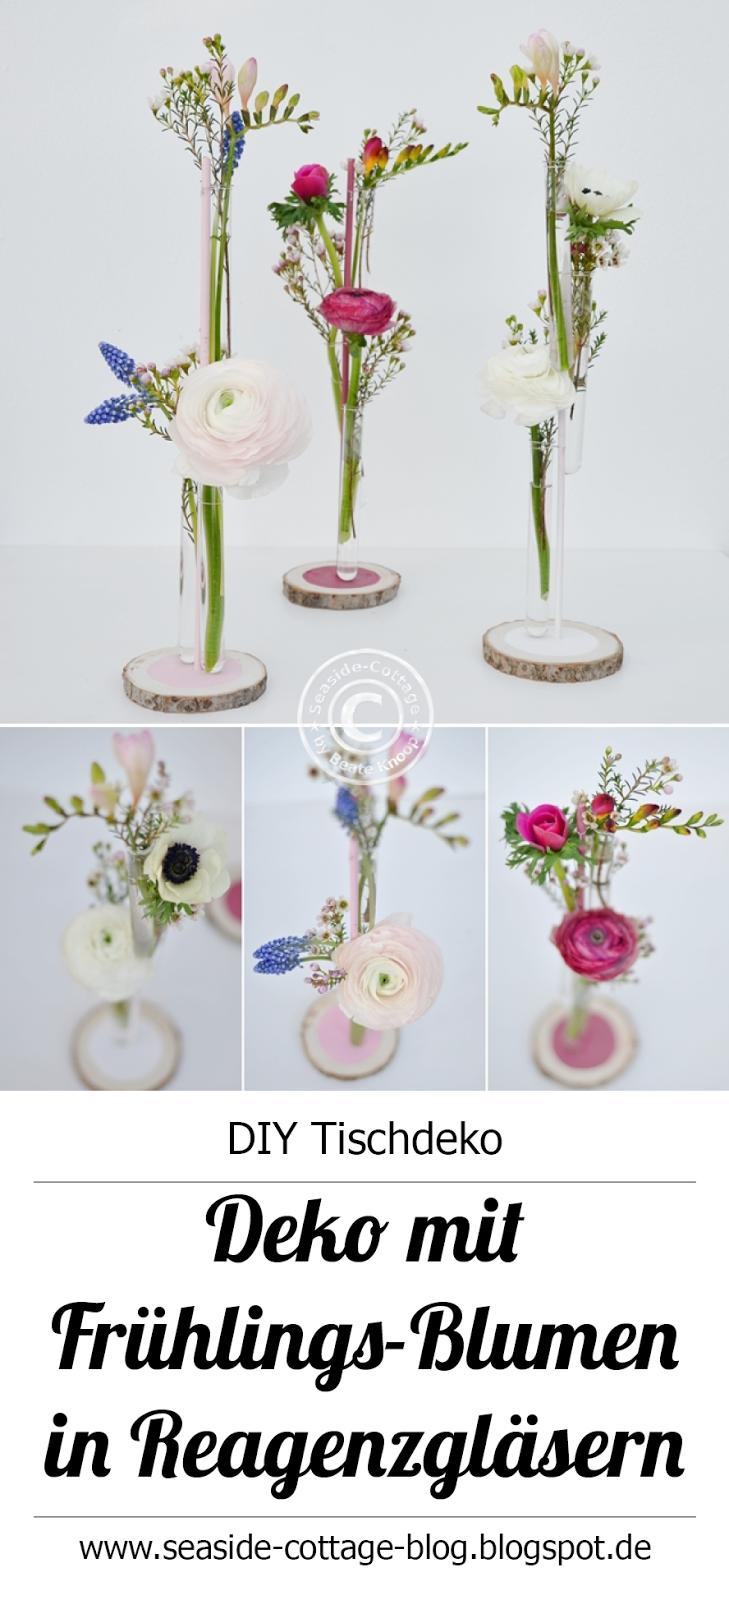 Diy Deko Mit Fruhlings Blumen In Reagenzglasern Selbermachen